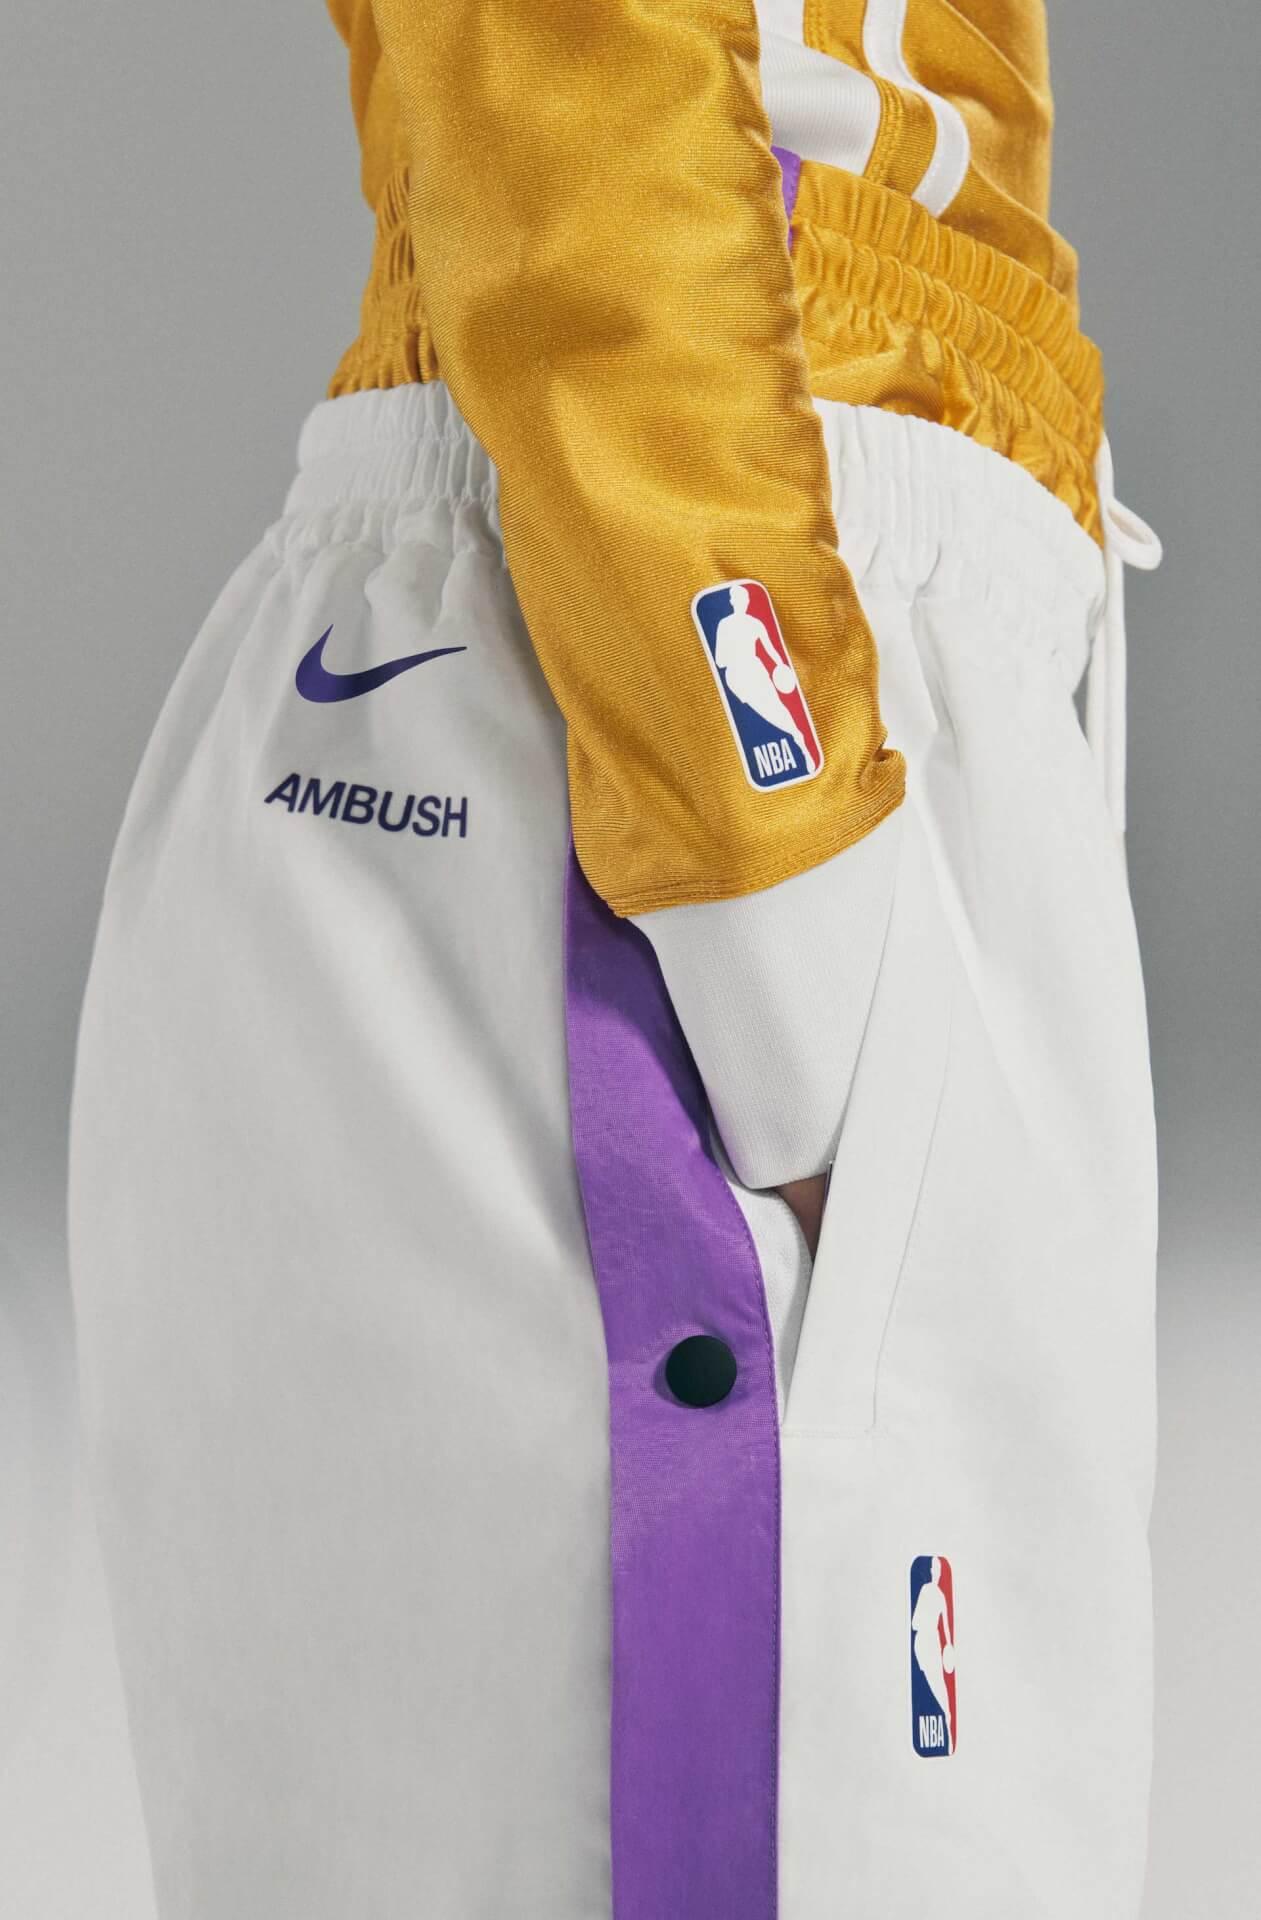 AMBUSH®からNBAとNIKEがYOONと共同でデザインした『NIKE x AMBUSH NBAコレクション』 を発表!NIKE DUNK HIも同時発 fashion2020124_nike_ambushnba_7